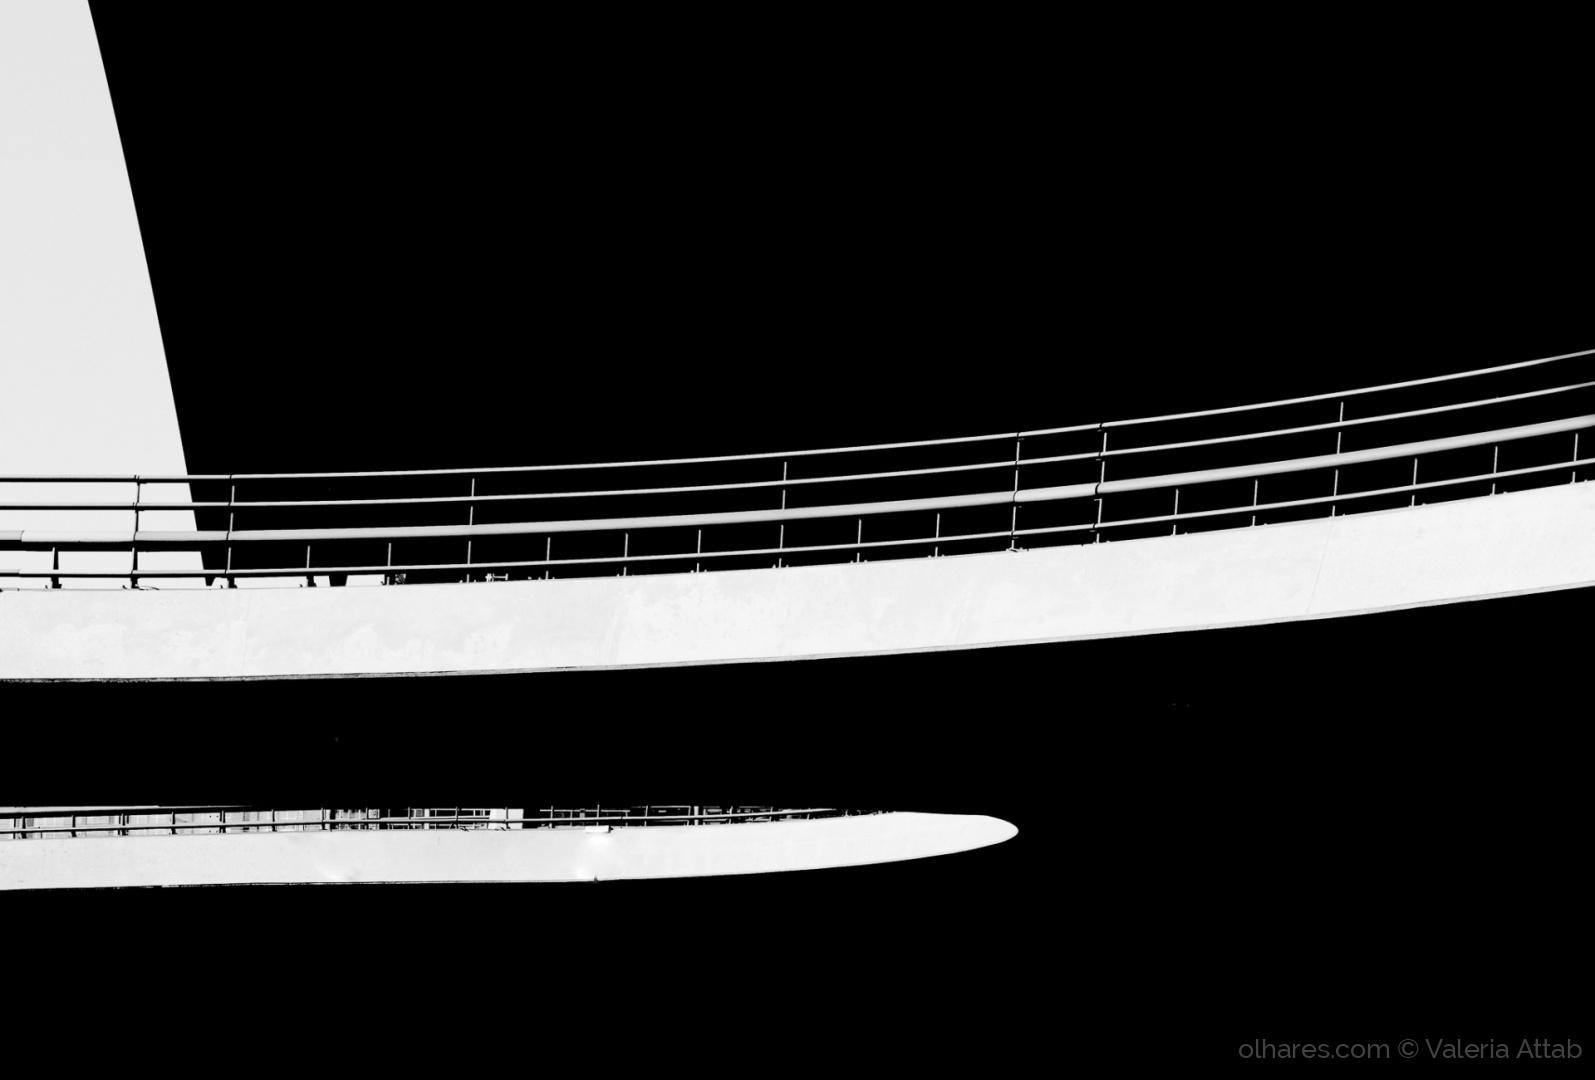 Arquitetura/Arquitetura e curvas...